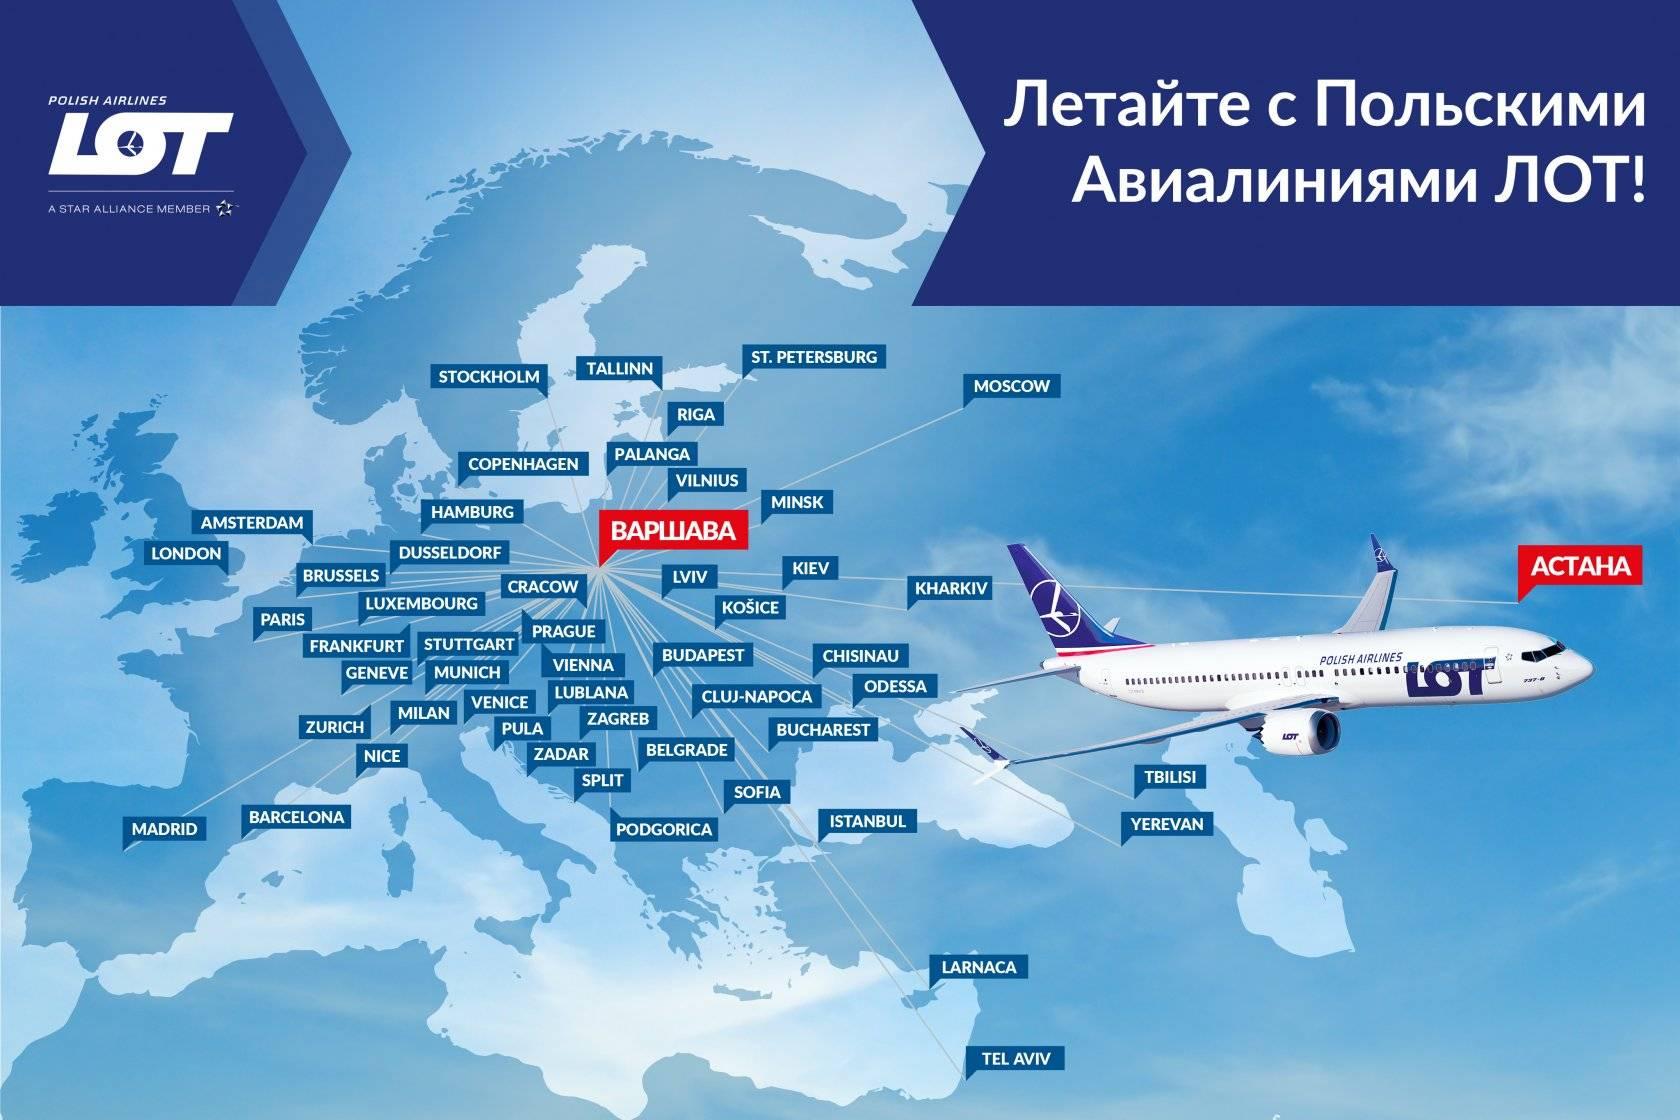 Польская национальная авиакомпания «lot polish airlines»